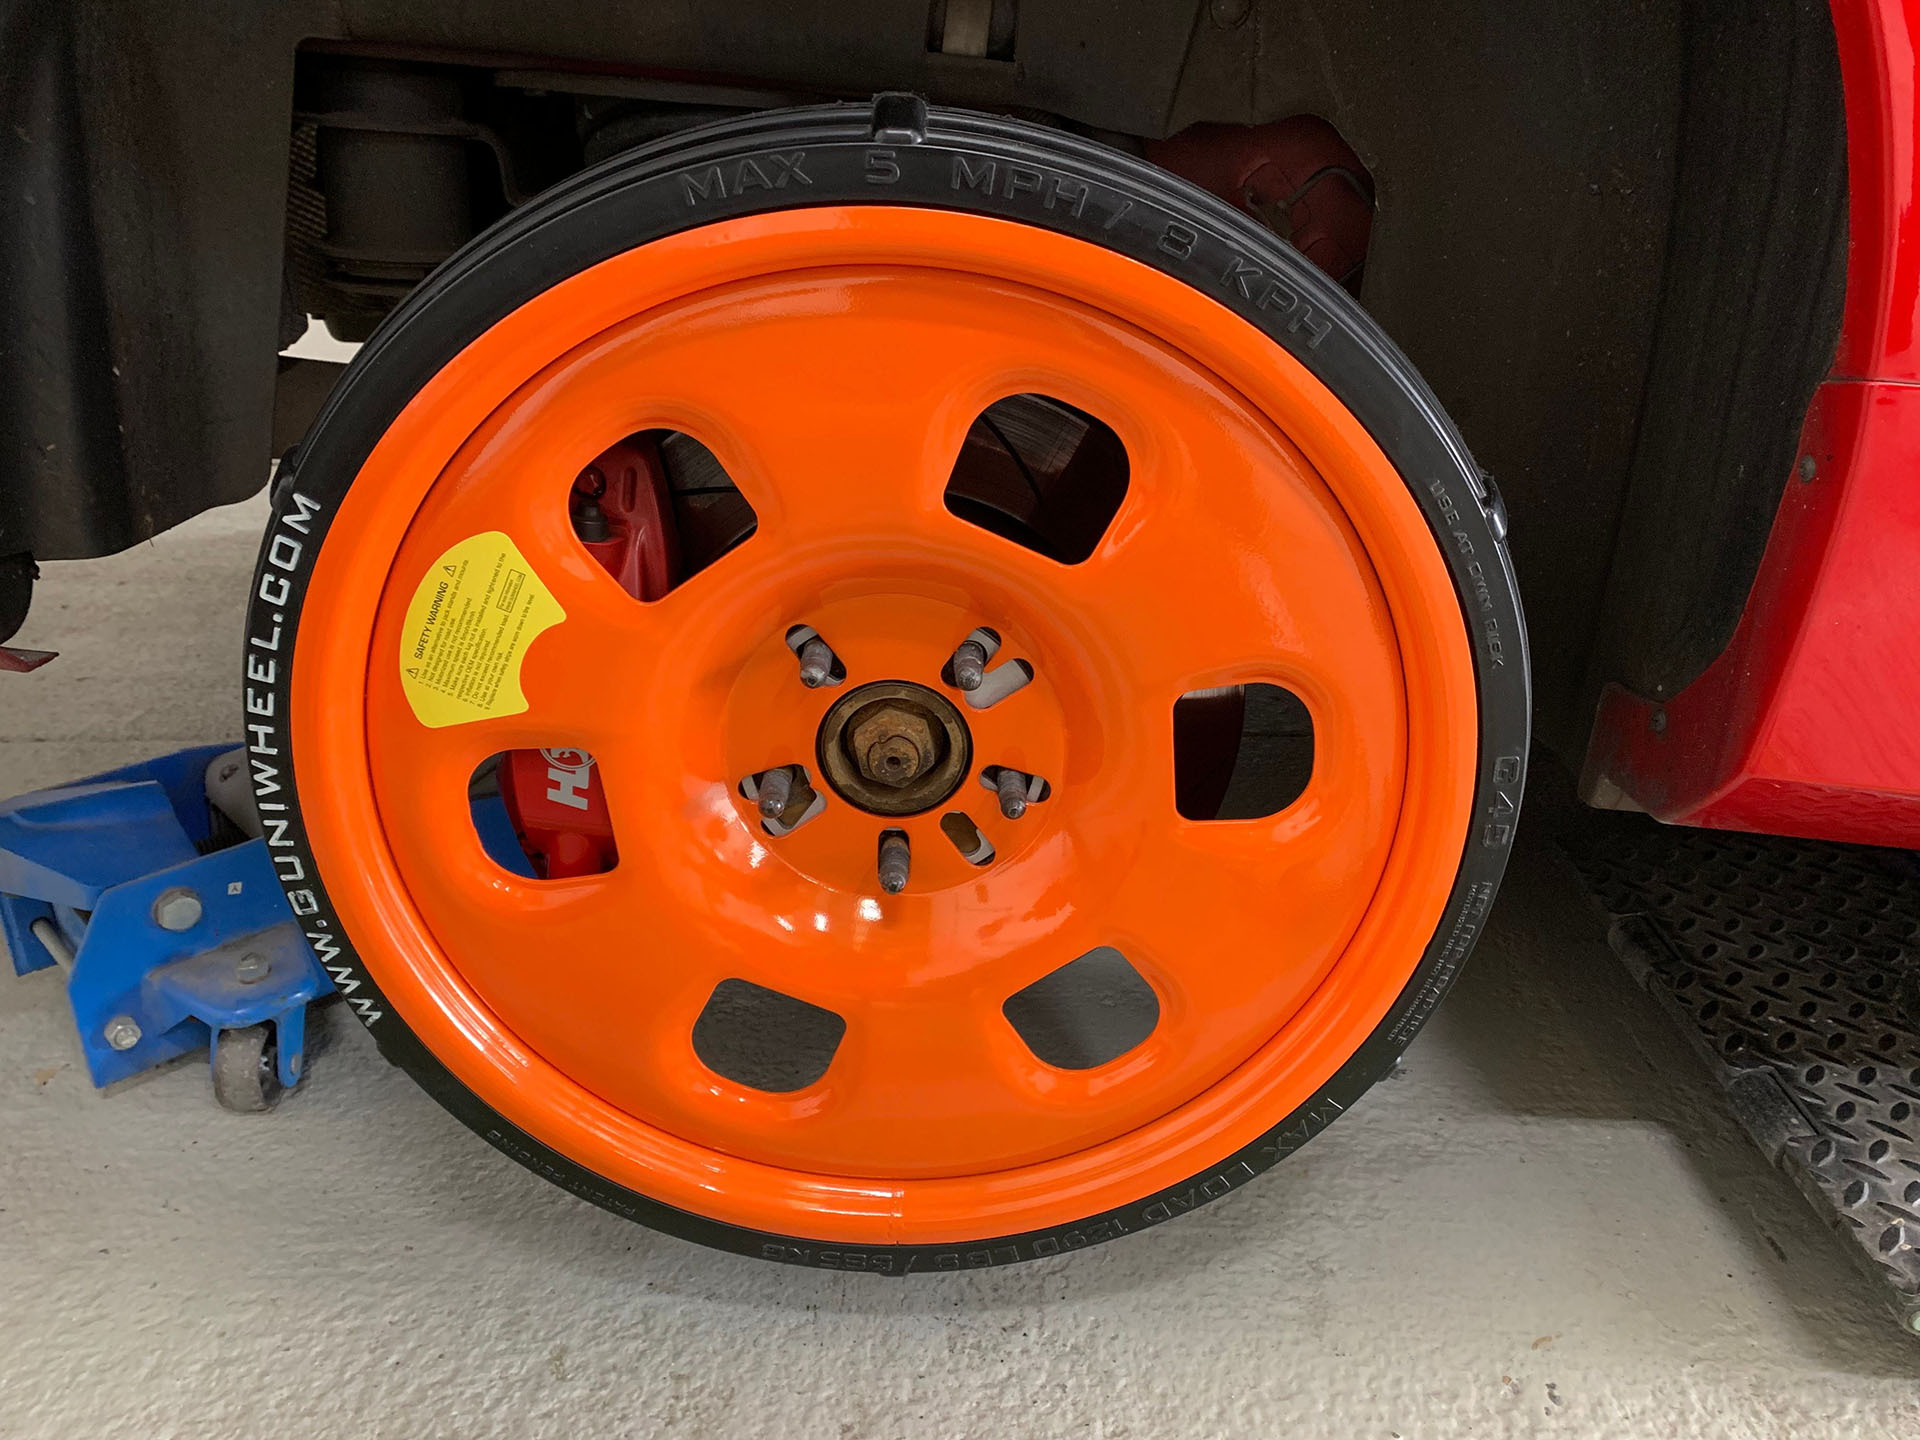 Installed Guniwheel on car